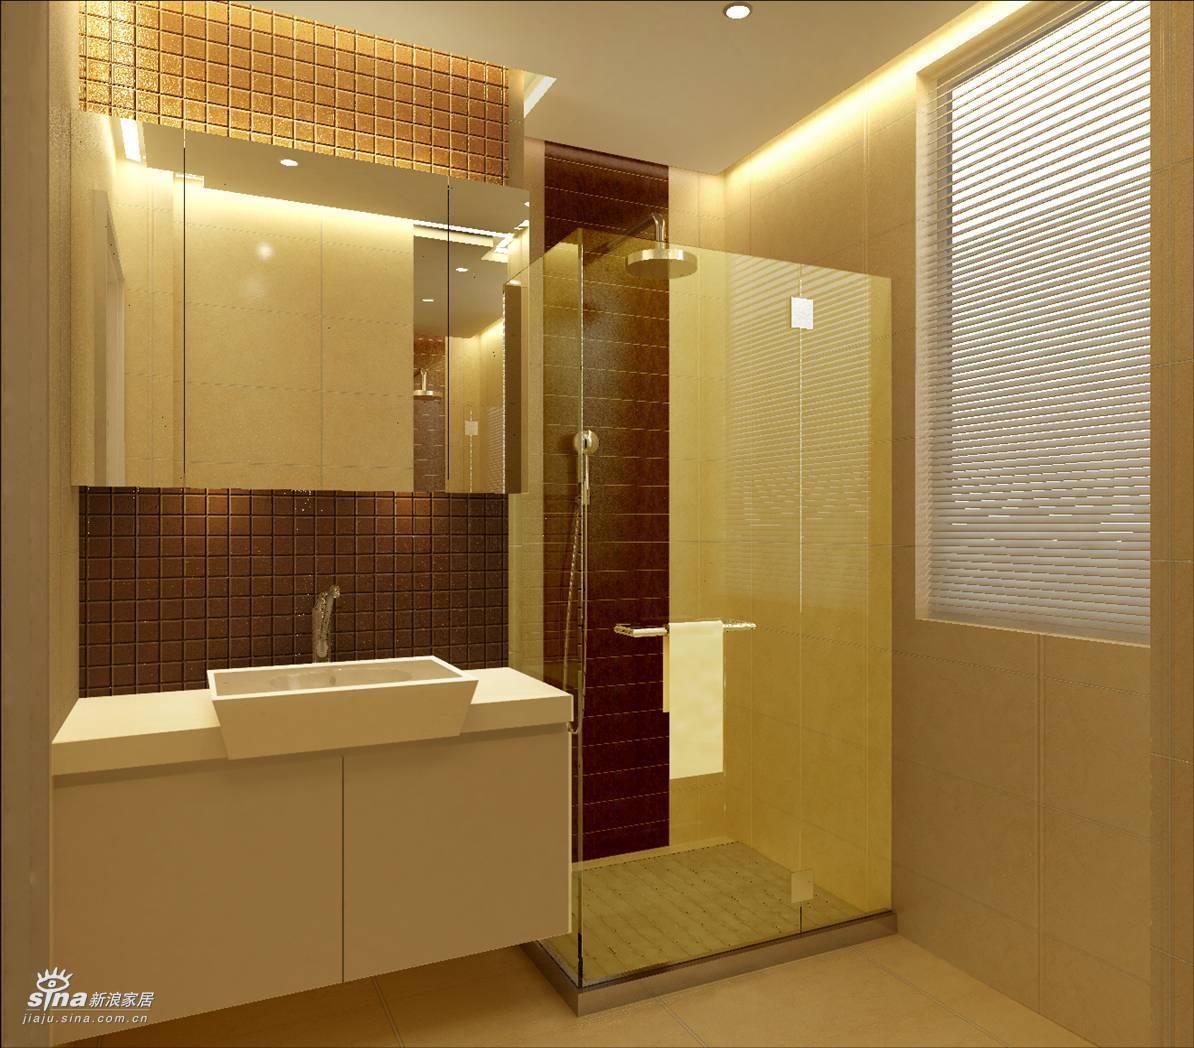 其他 二居 卫生间图片来自用户2558746857在时尚新贵38的分享